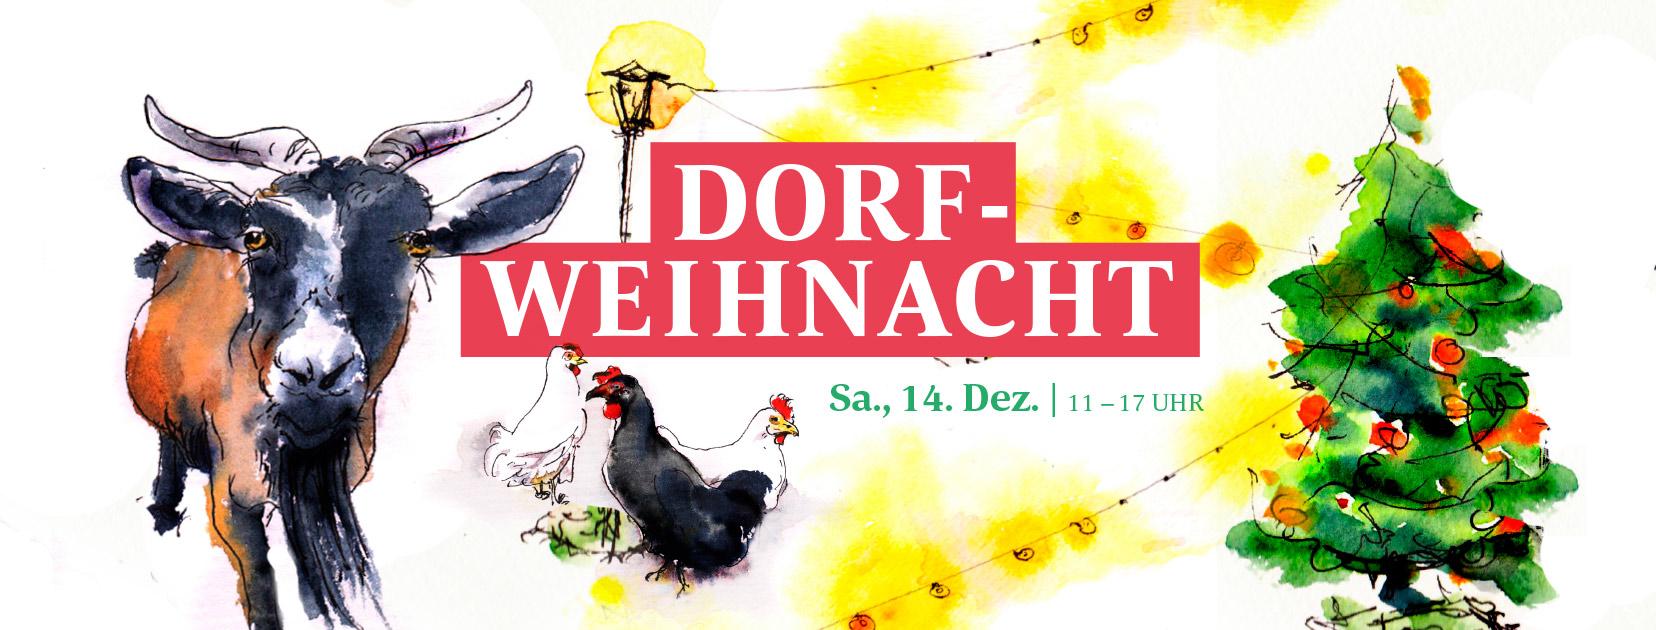 Dorf-Weihnacht: Winterfest der Sentana Stiftung